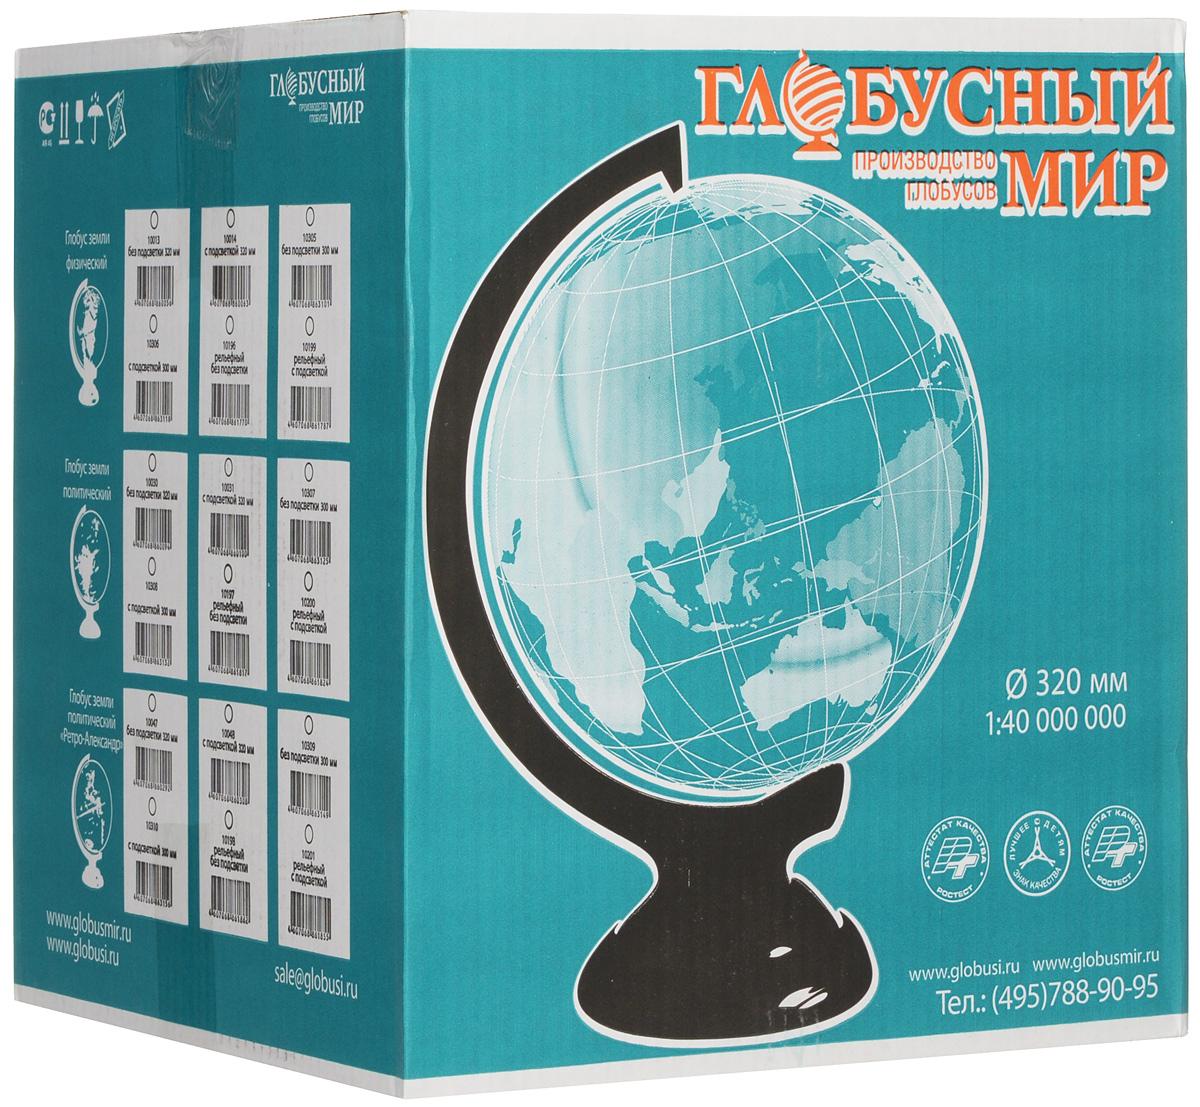 Глобусный мир Глобус ландшафтный рельефный диаметр 32 см Глобусный мир